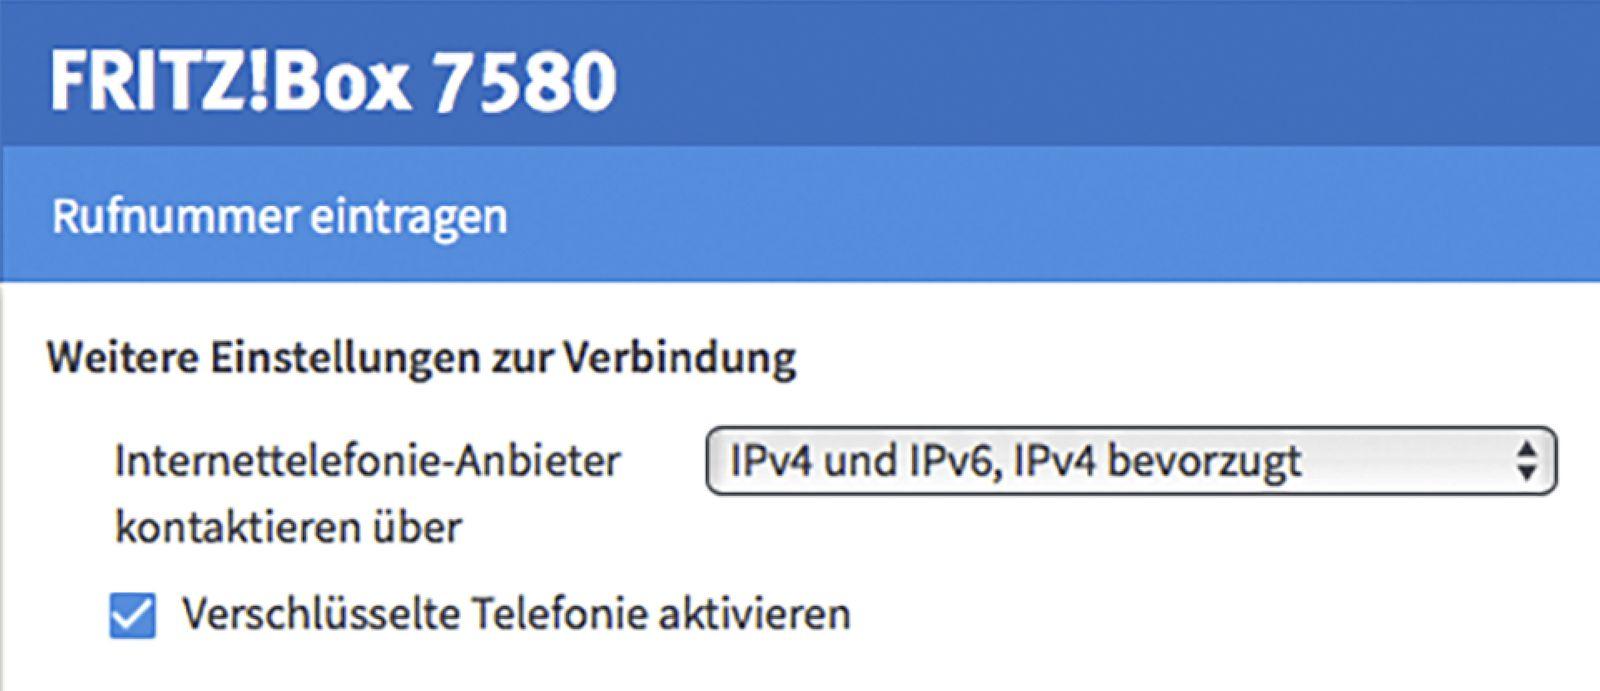 Verschlüsselt telefonieren und konferieren / c?t 3/2021